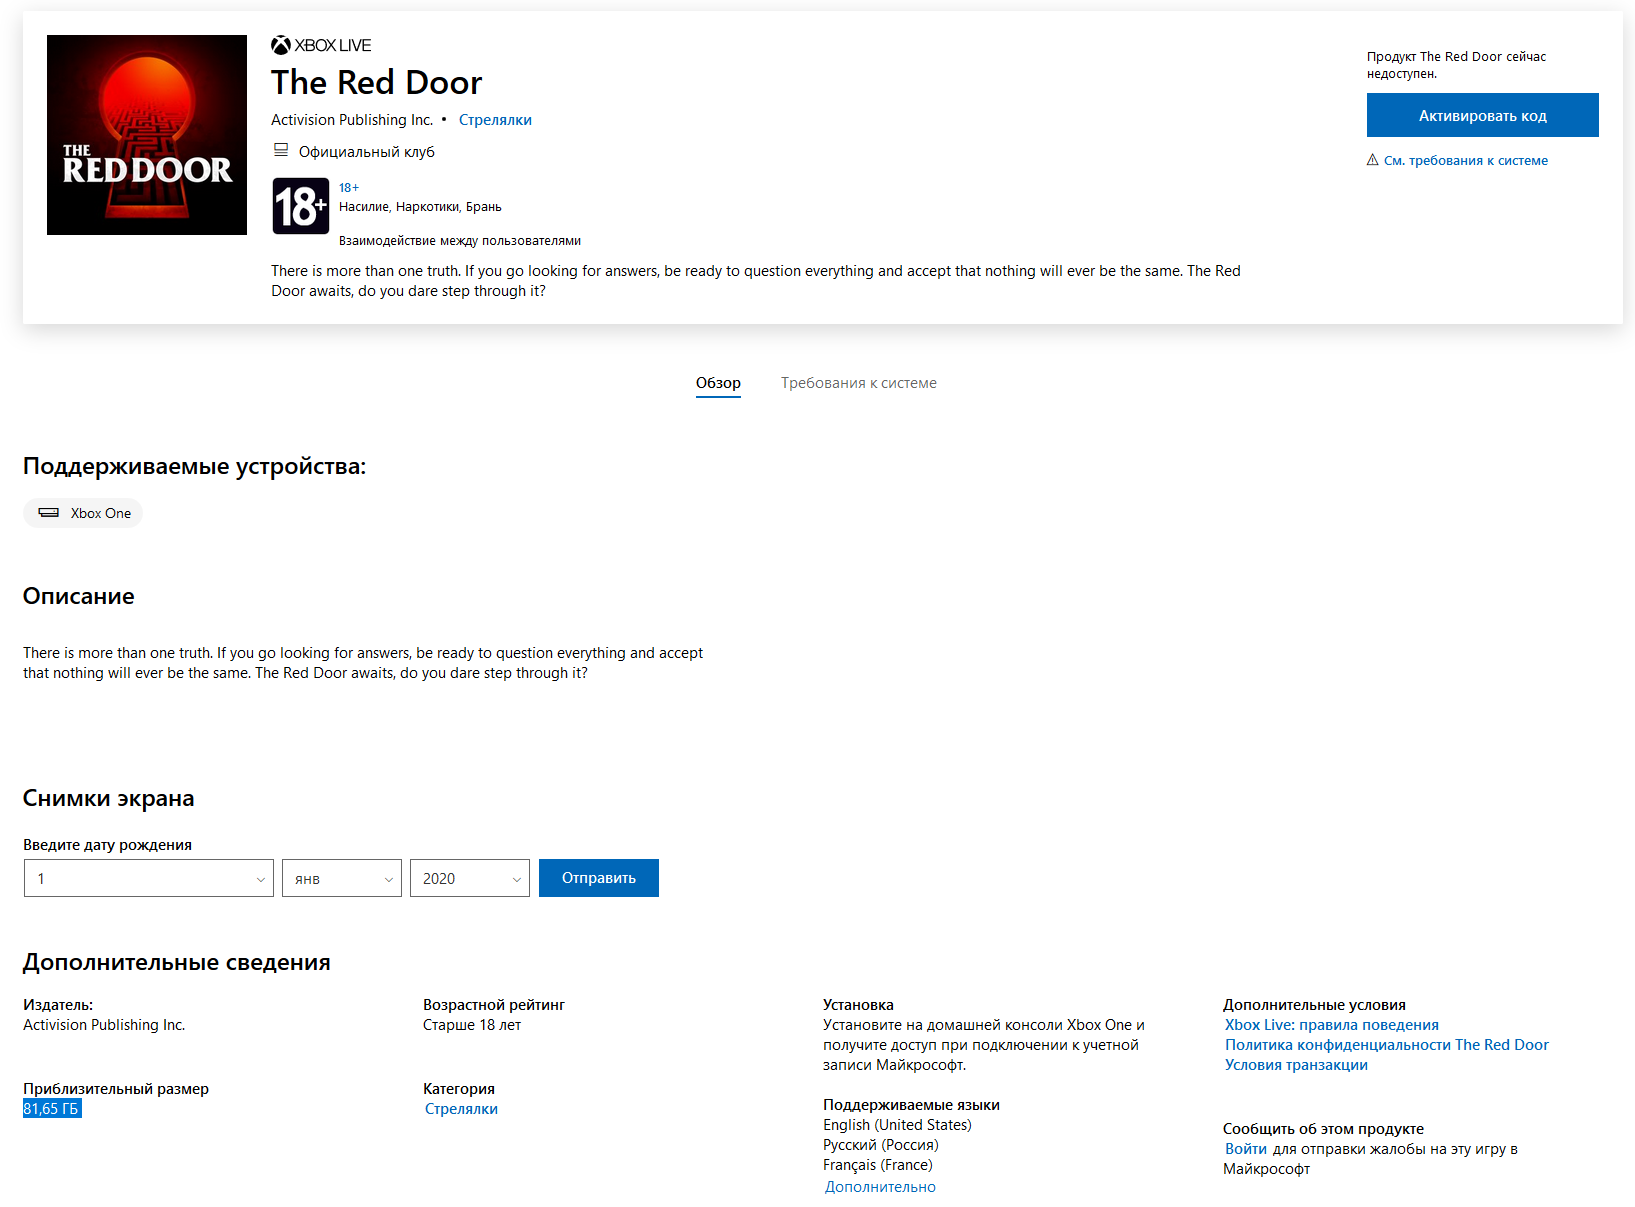 Секретную страницу новой Call of Duty нашли в Microsoft Store